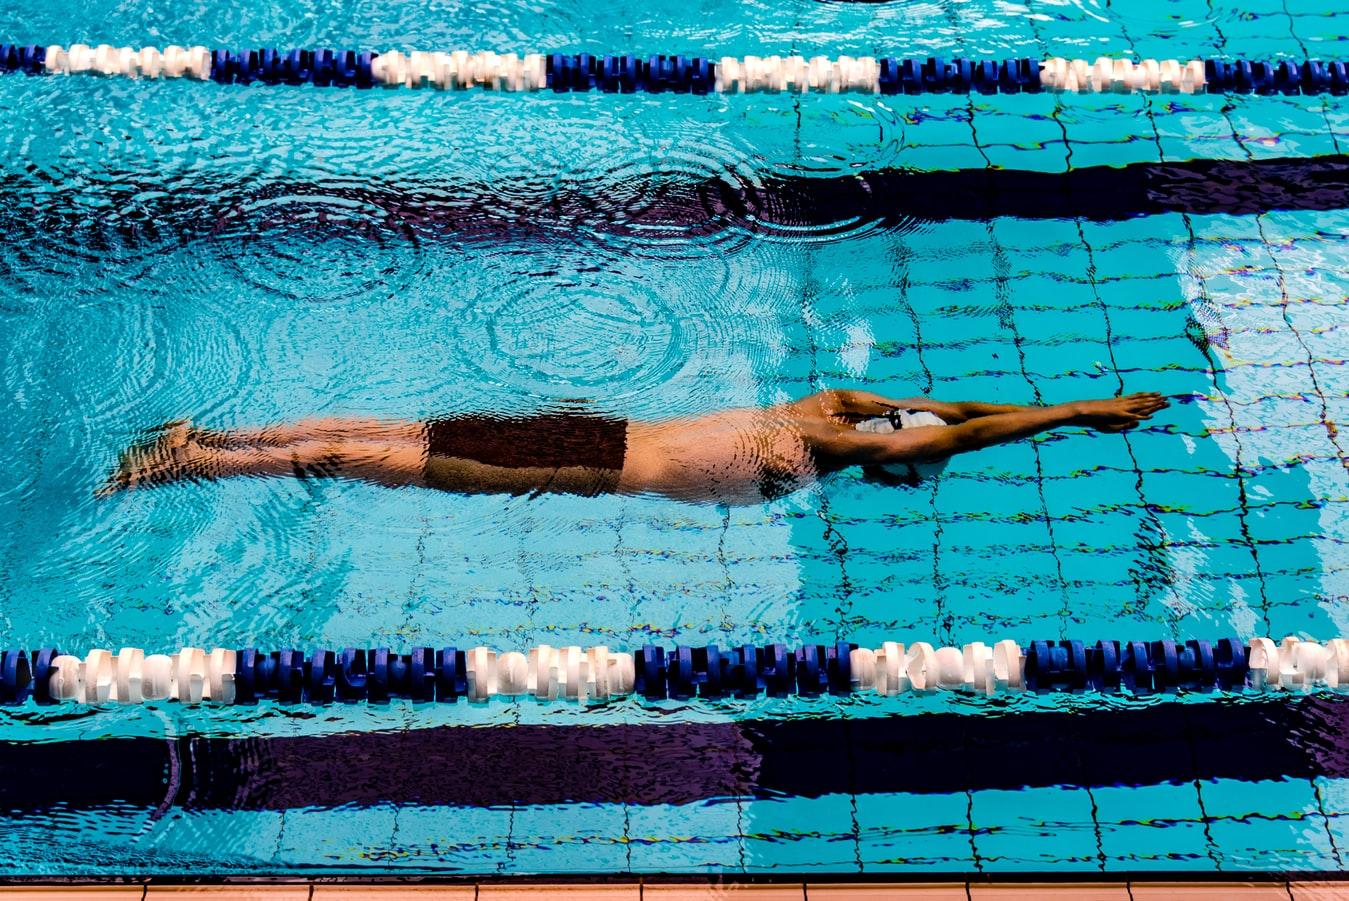 nov2 1 - Kom frem i vandet som en torpedo